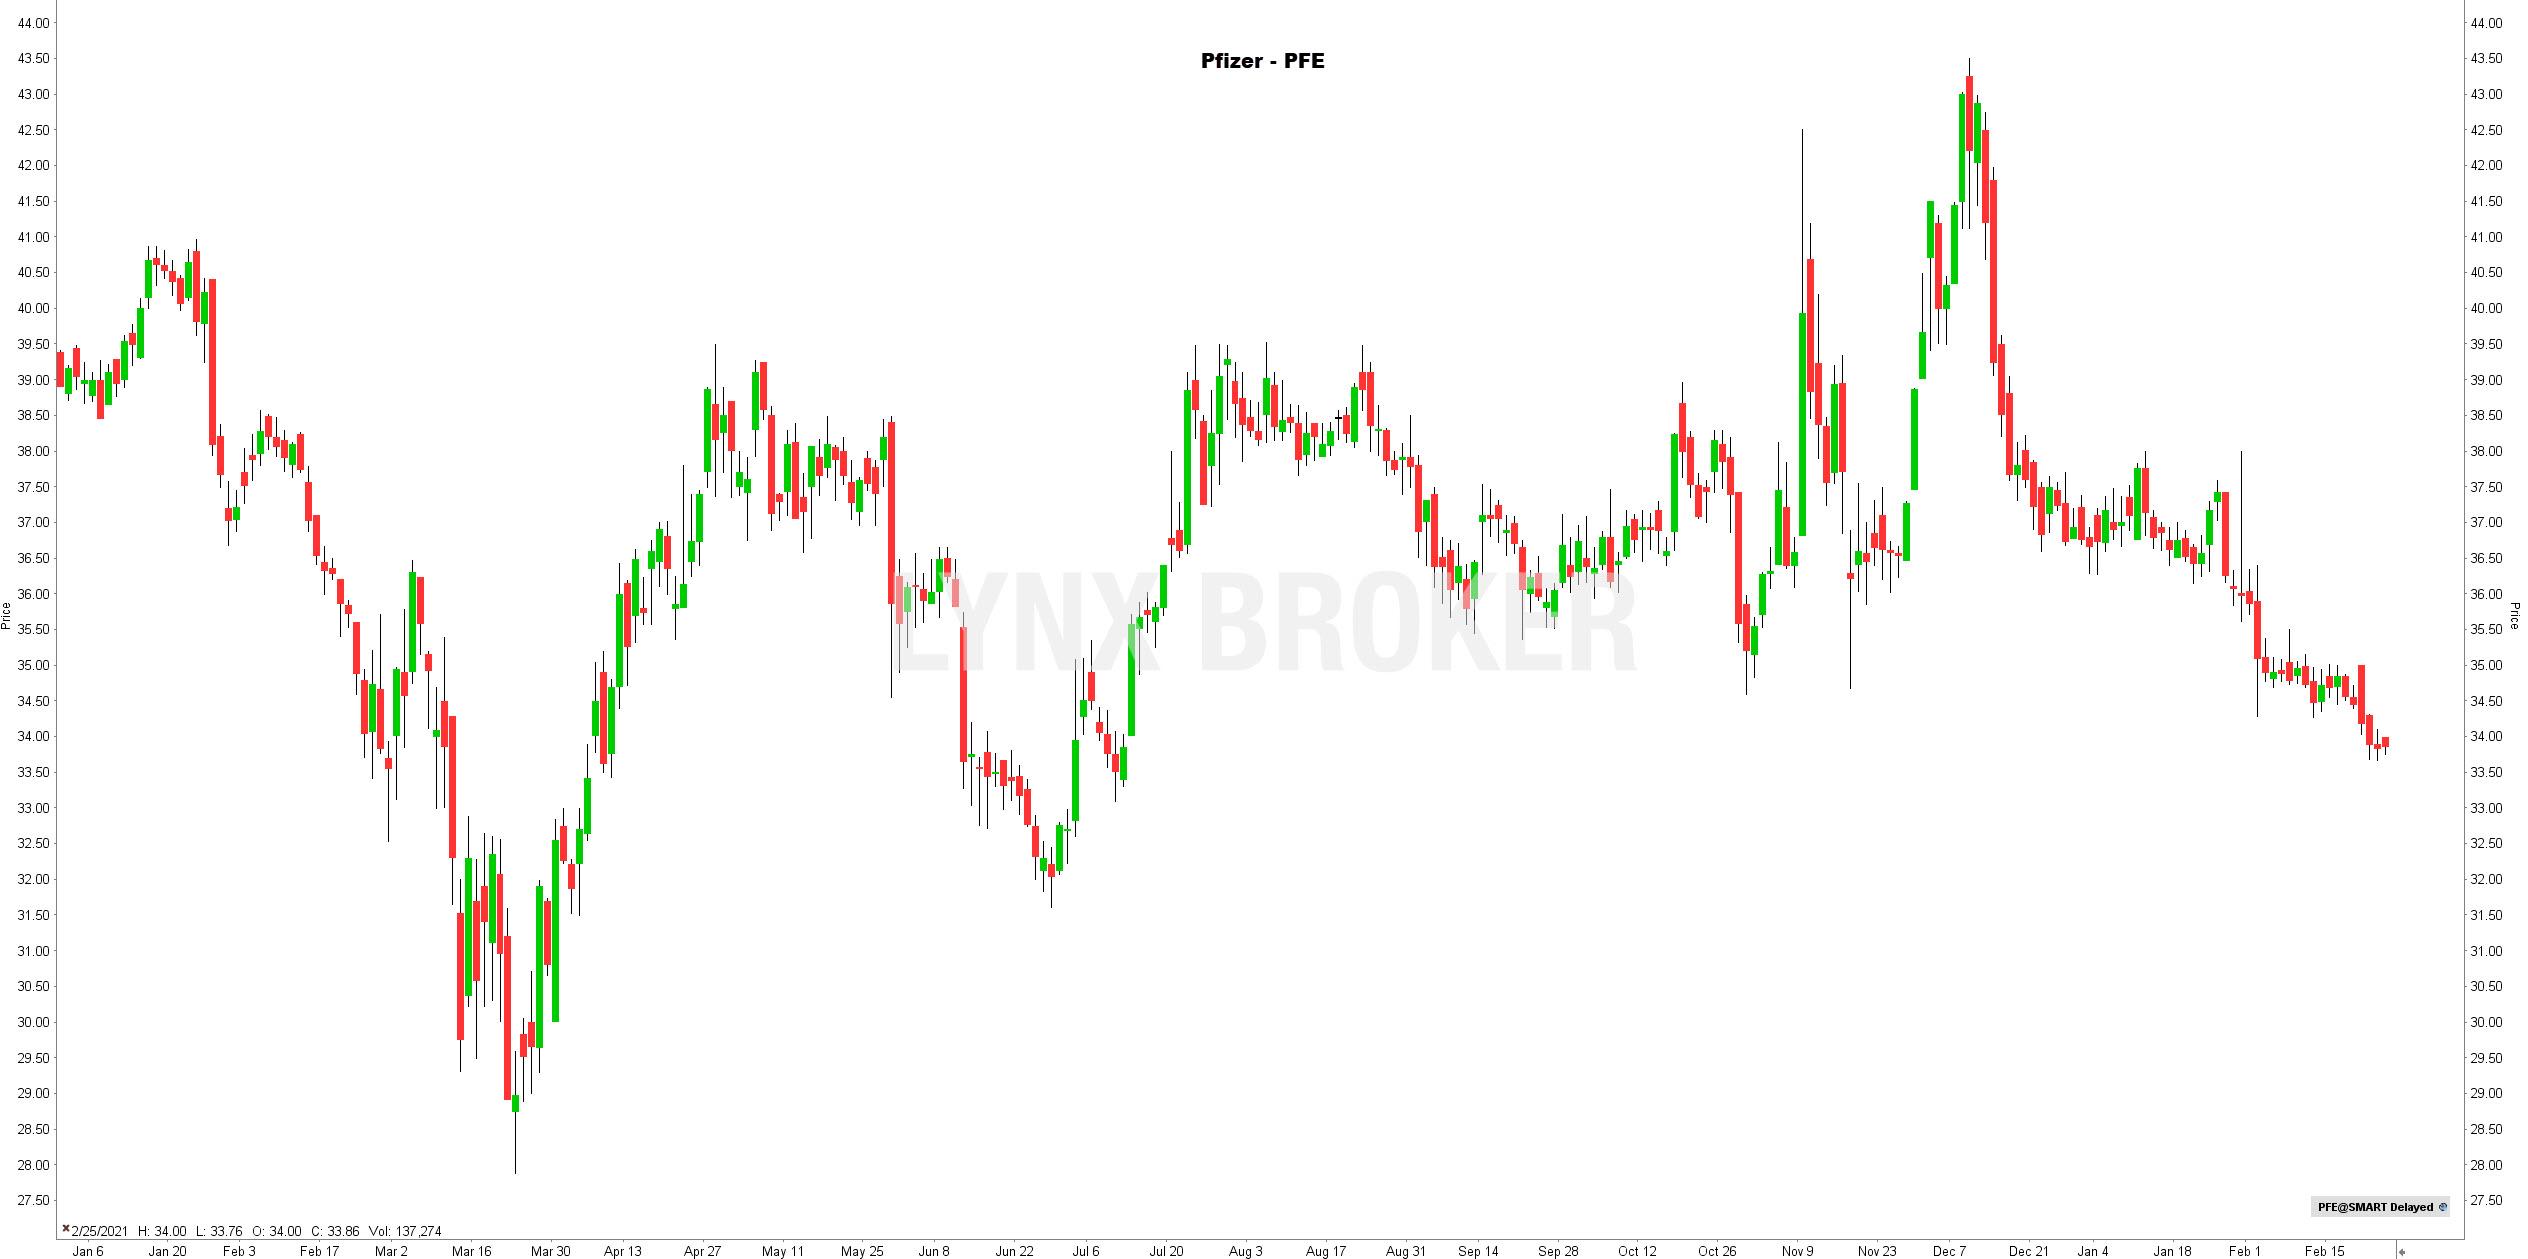 la chronique lynx broker 250221 - graphique Pfizer